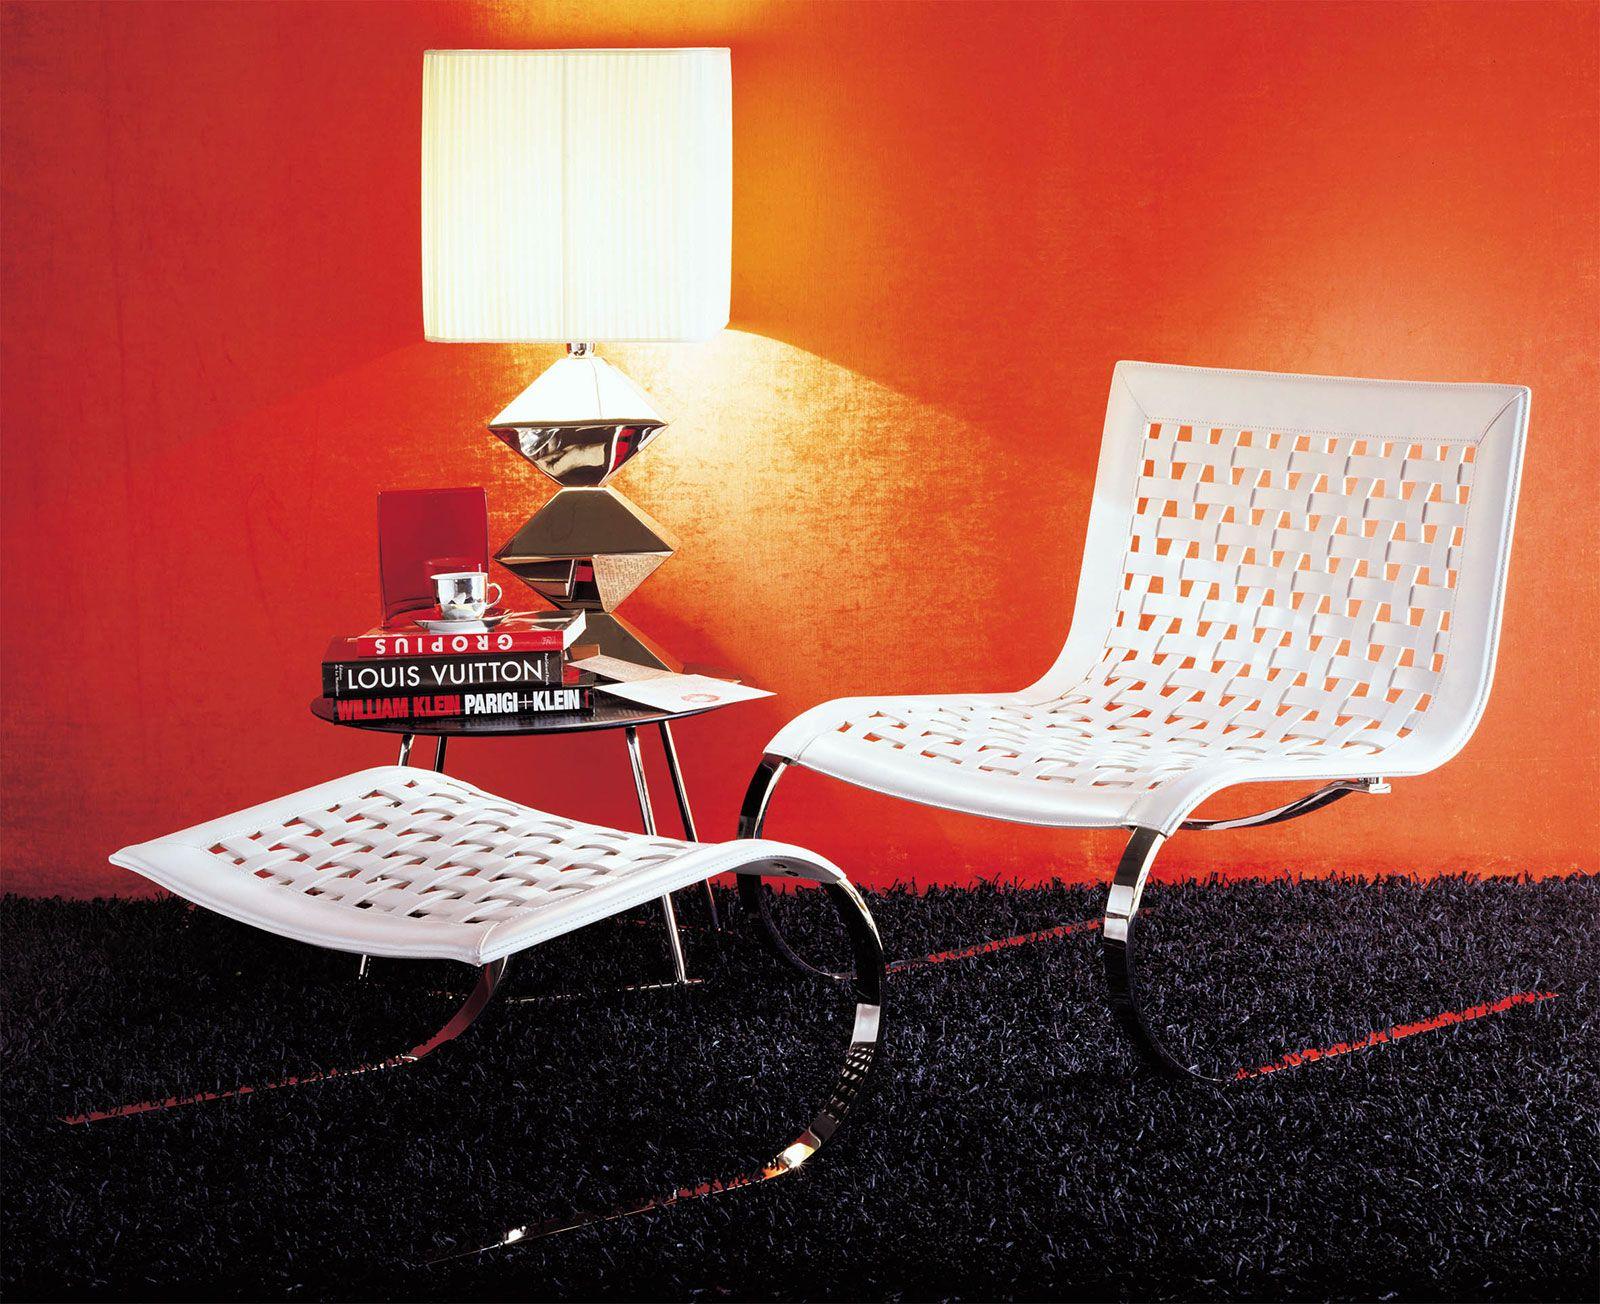 Poltrona pelle bianca rossa nera mucca poltroncina camera letto salotto cucina ingresso moderna - Camera da letto rossa e bianca ...